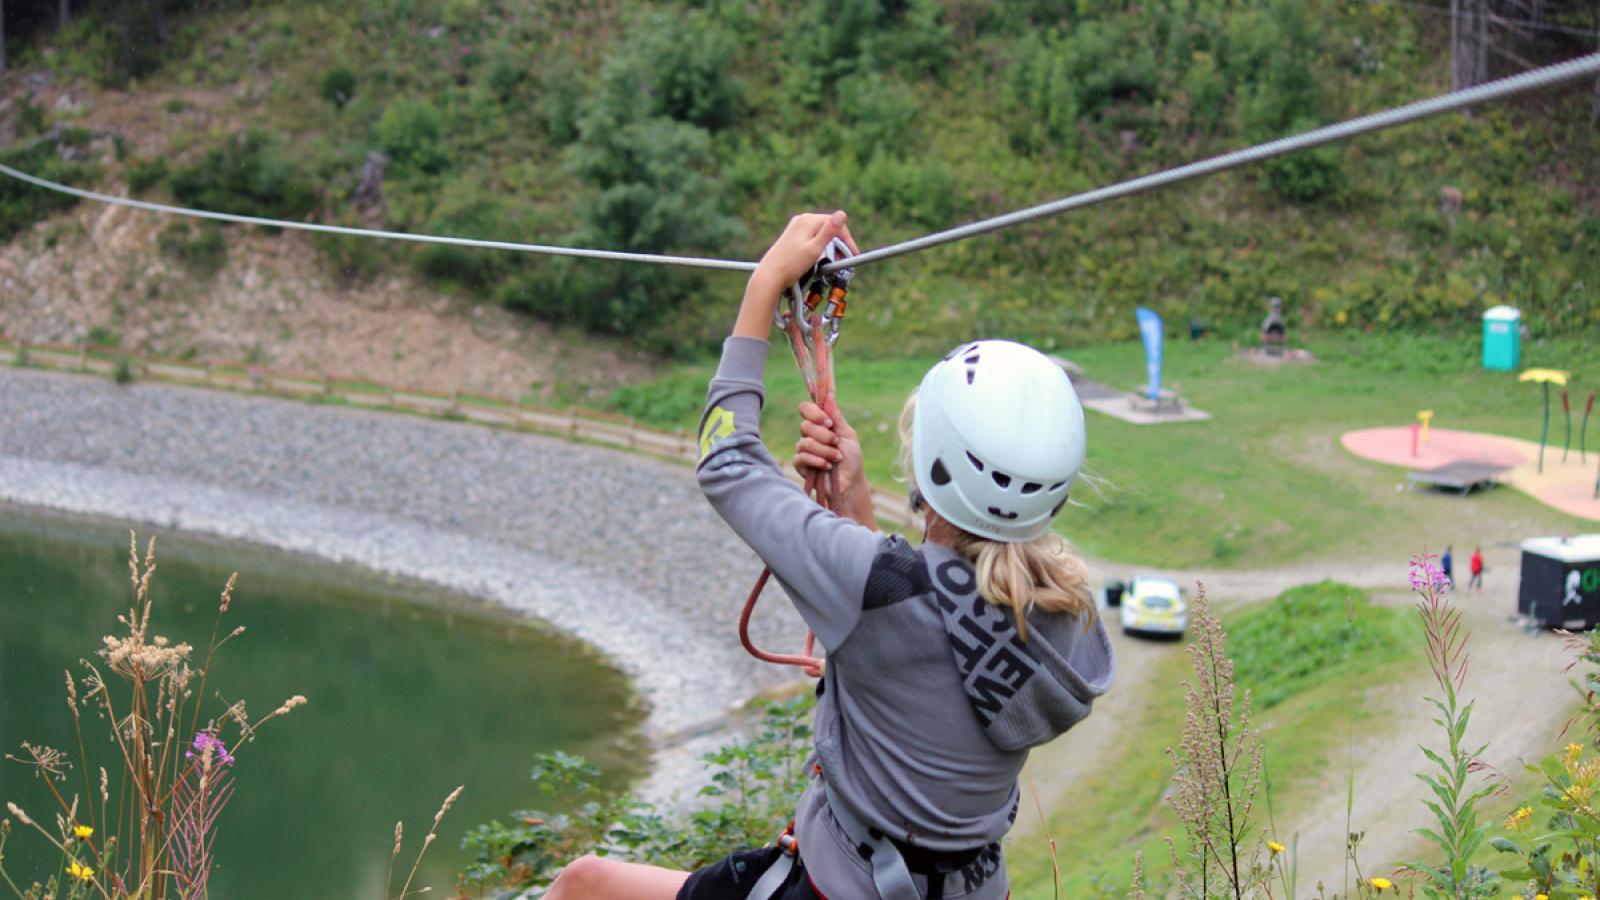 Chamrousse Melting-sports festival - tyrolienne